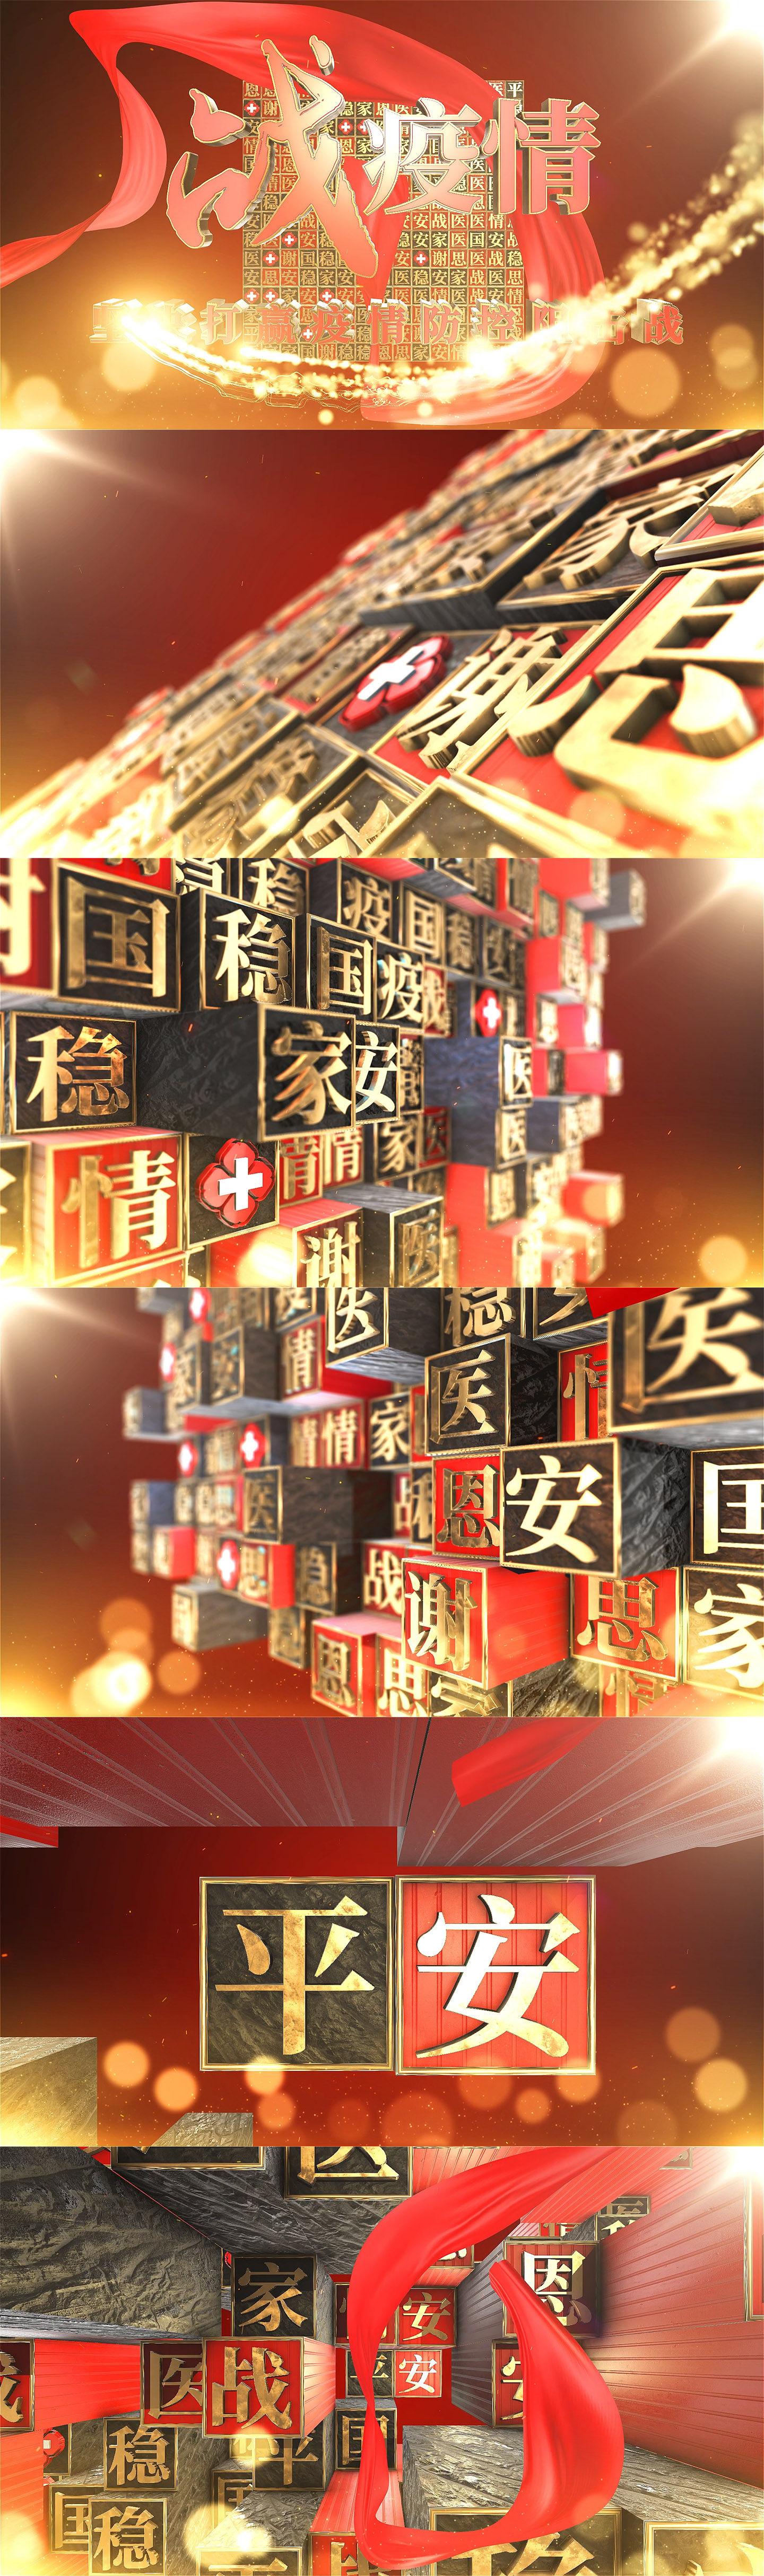 【原创视频】文字方阵战疫情